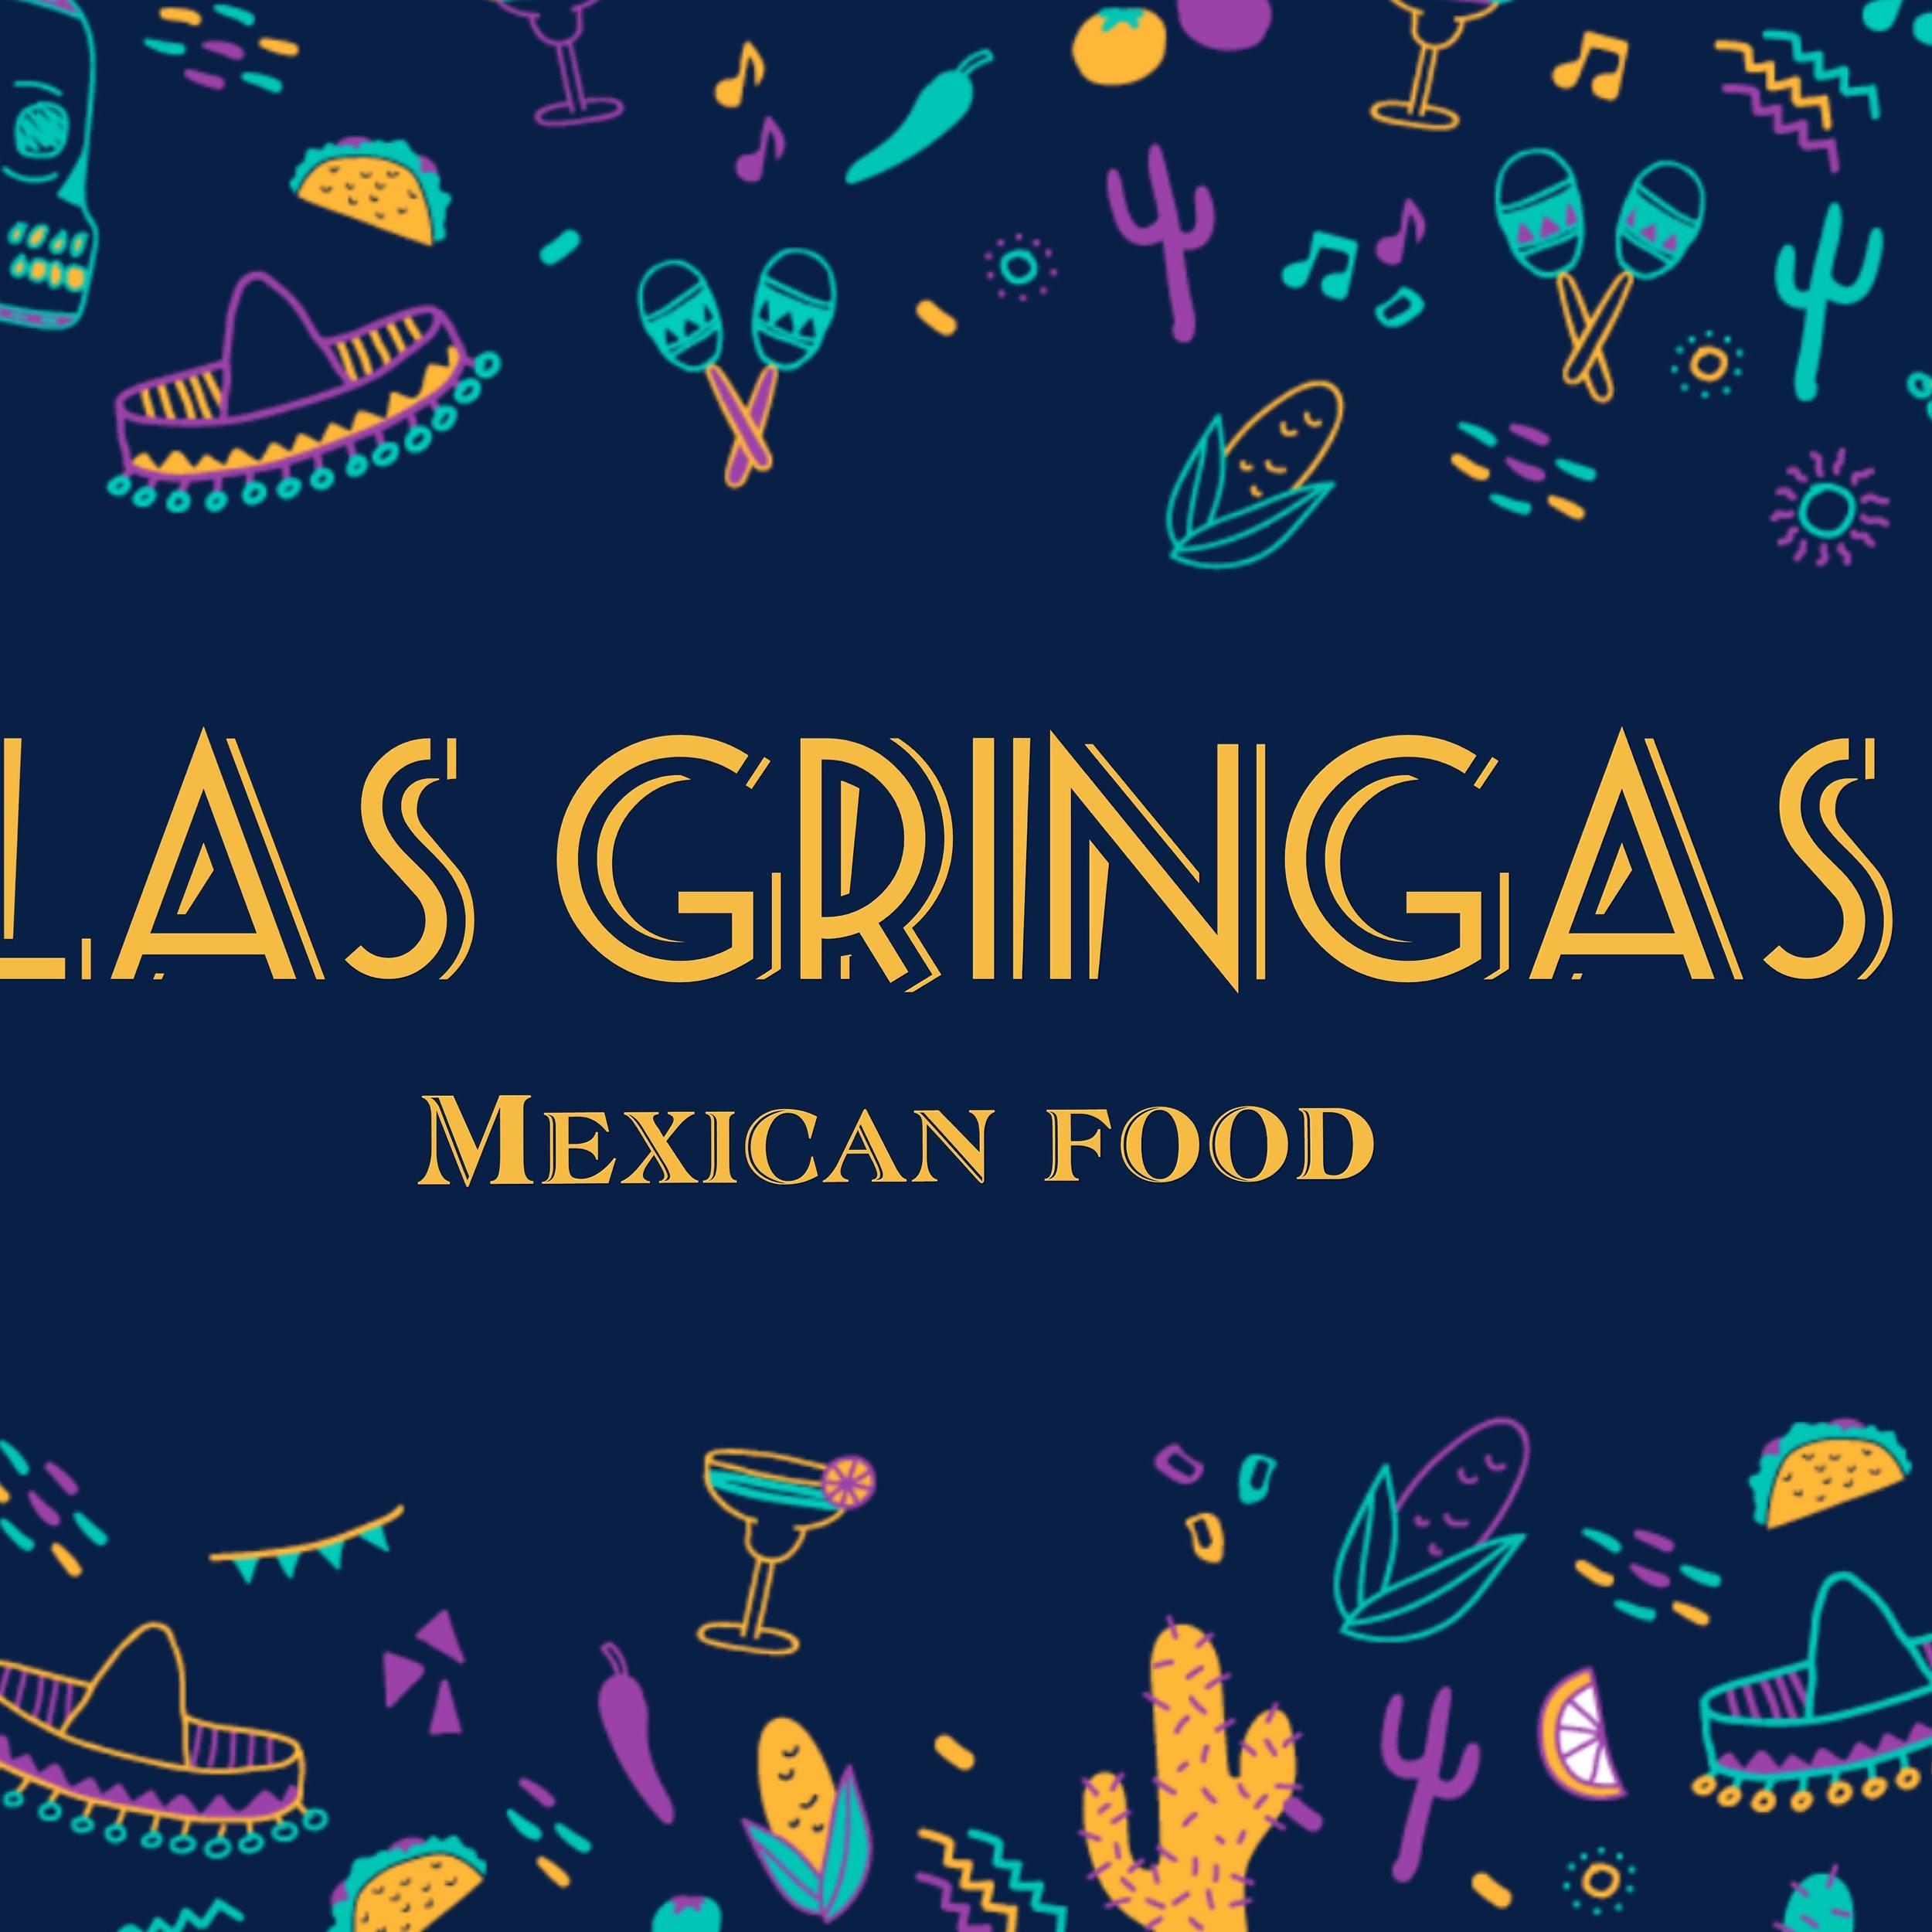 LAS GRINGAS